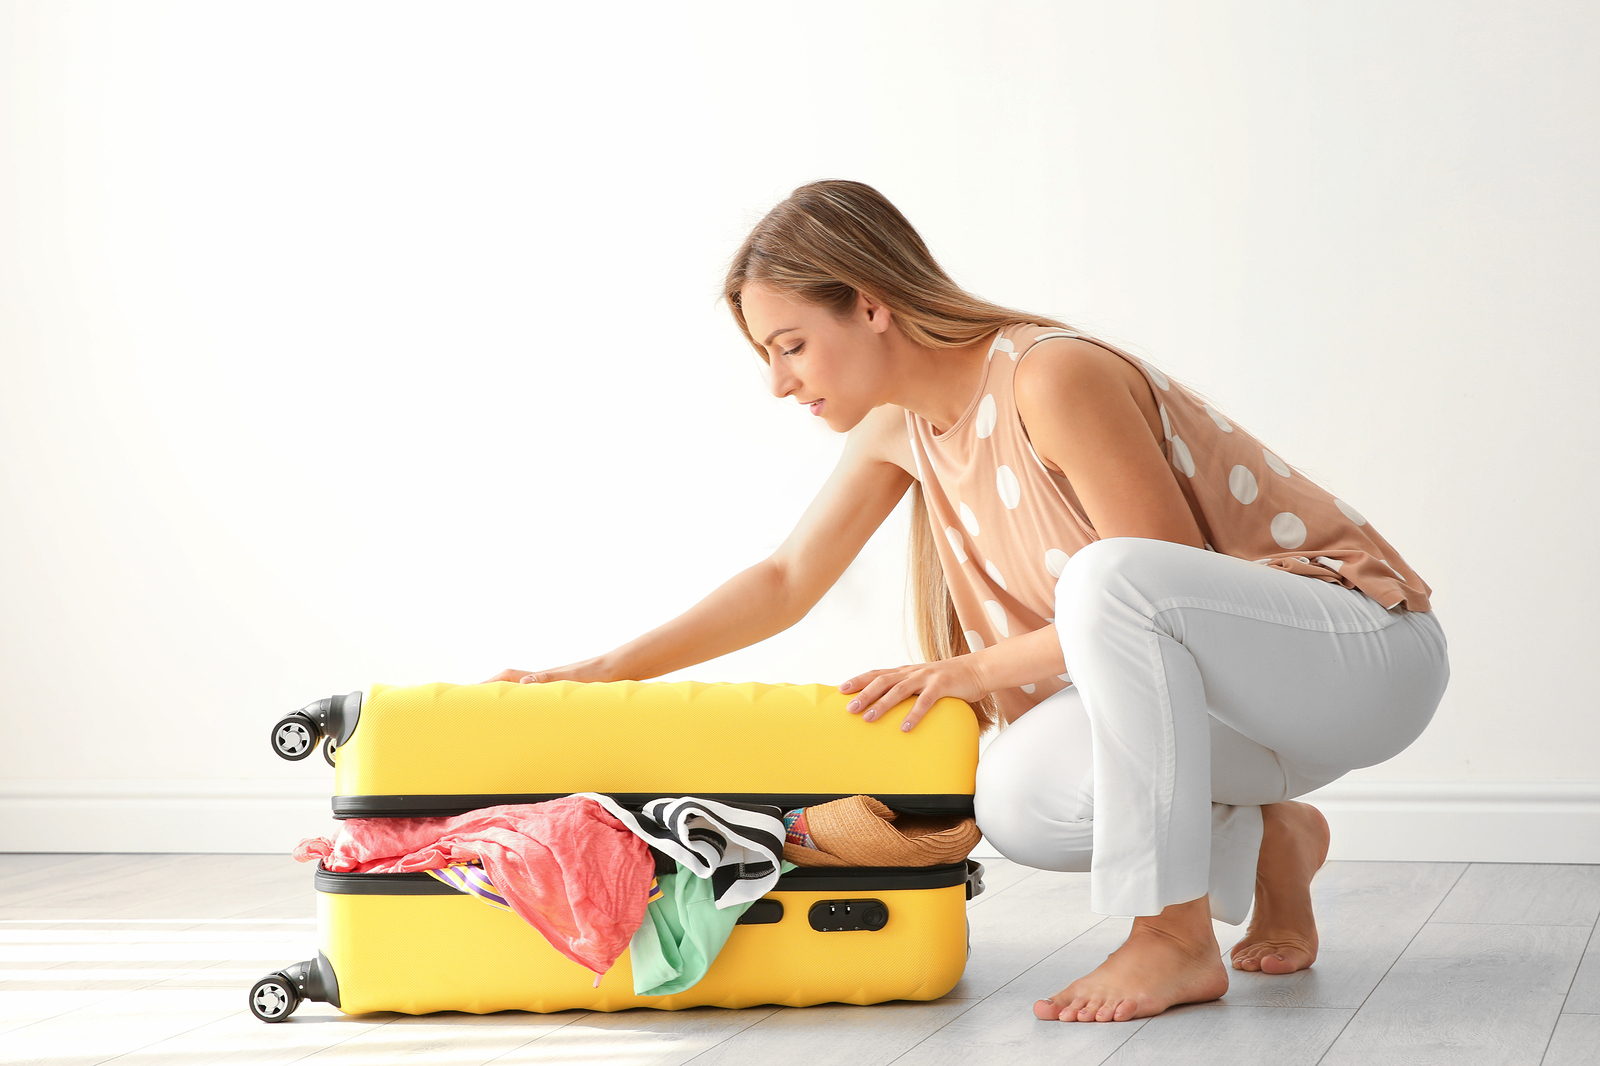 Bakjac packing.jpg